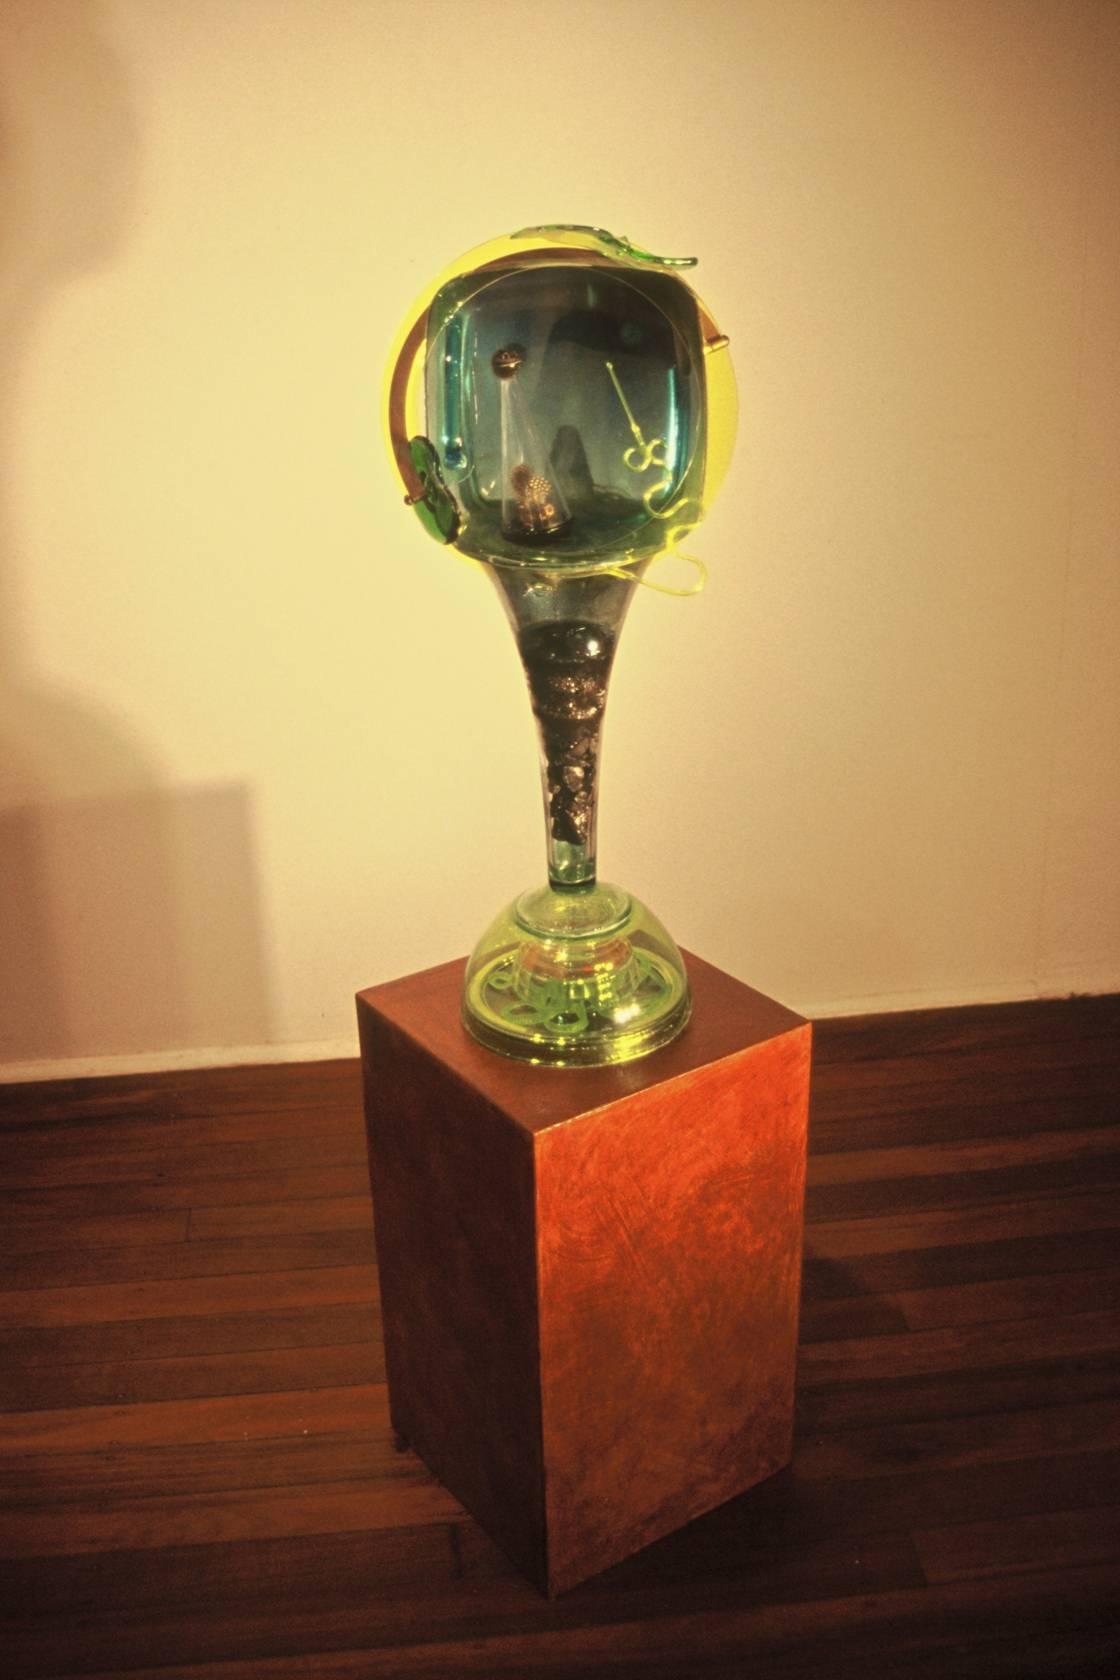 Moon Boy, 2008, mixed media, 83 x 33 x 29 cm